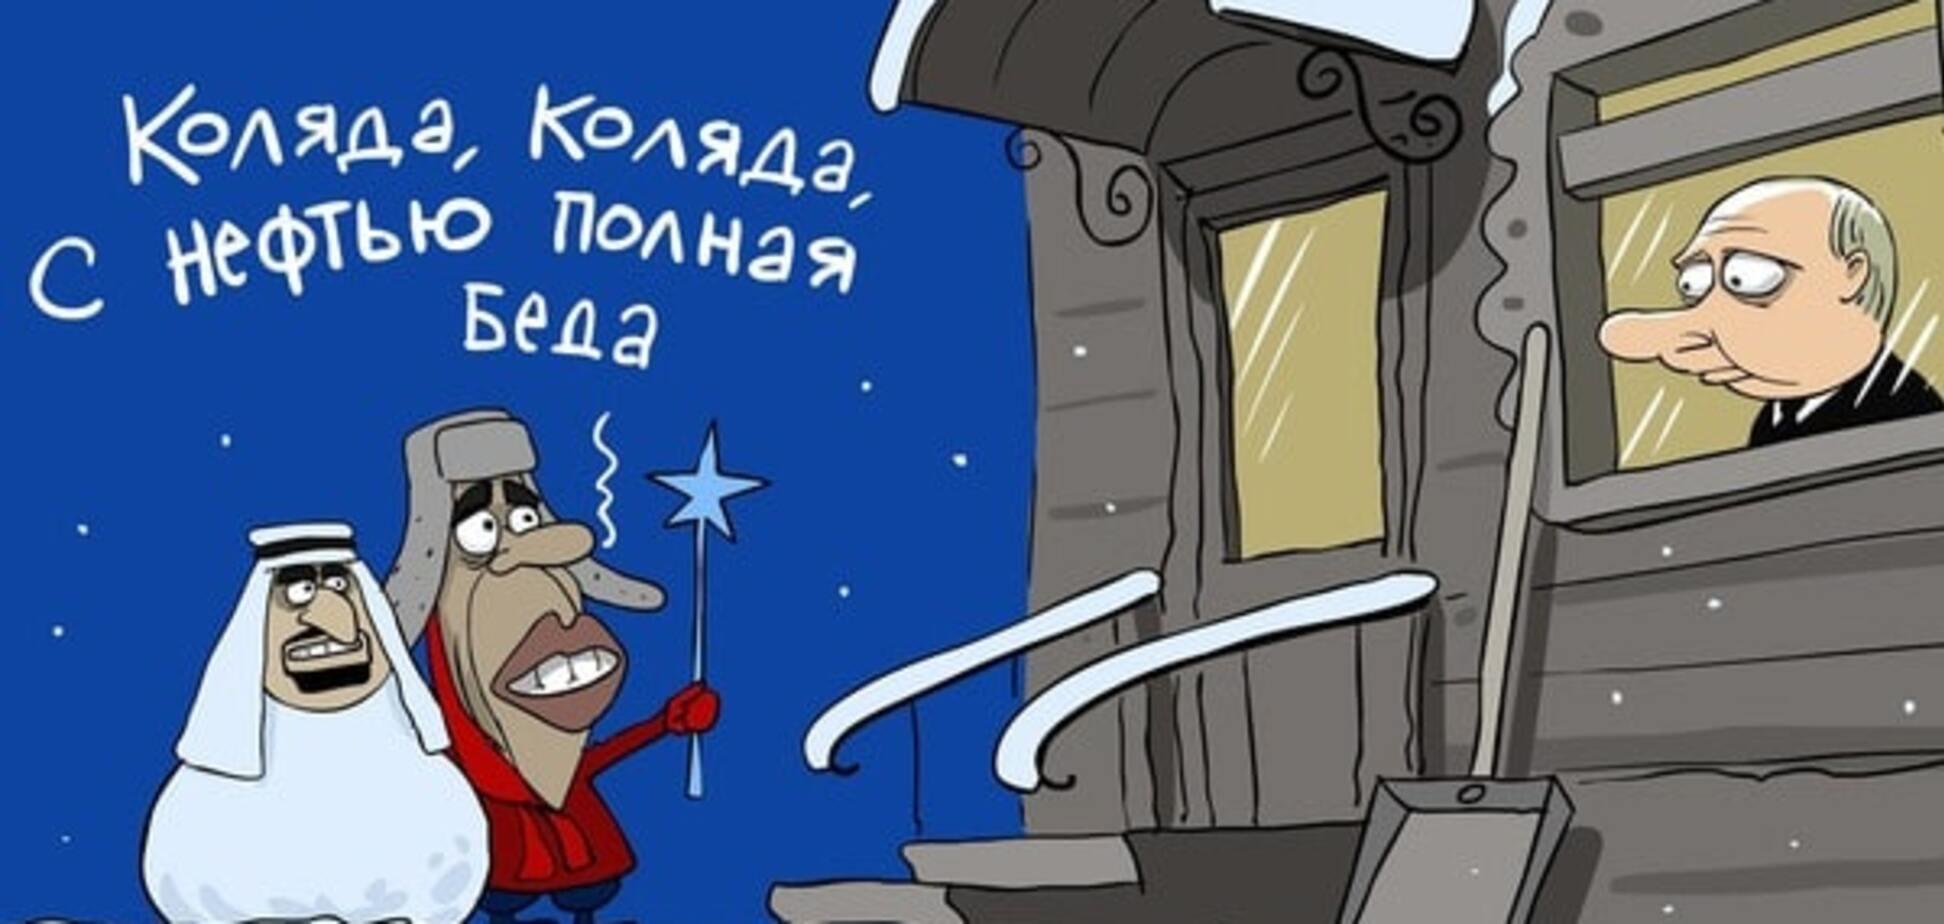 Обама 'наколядовал' России беду: опубликована карикатура